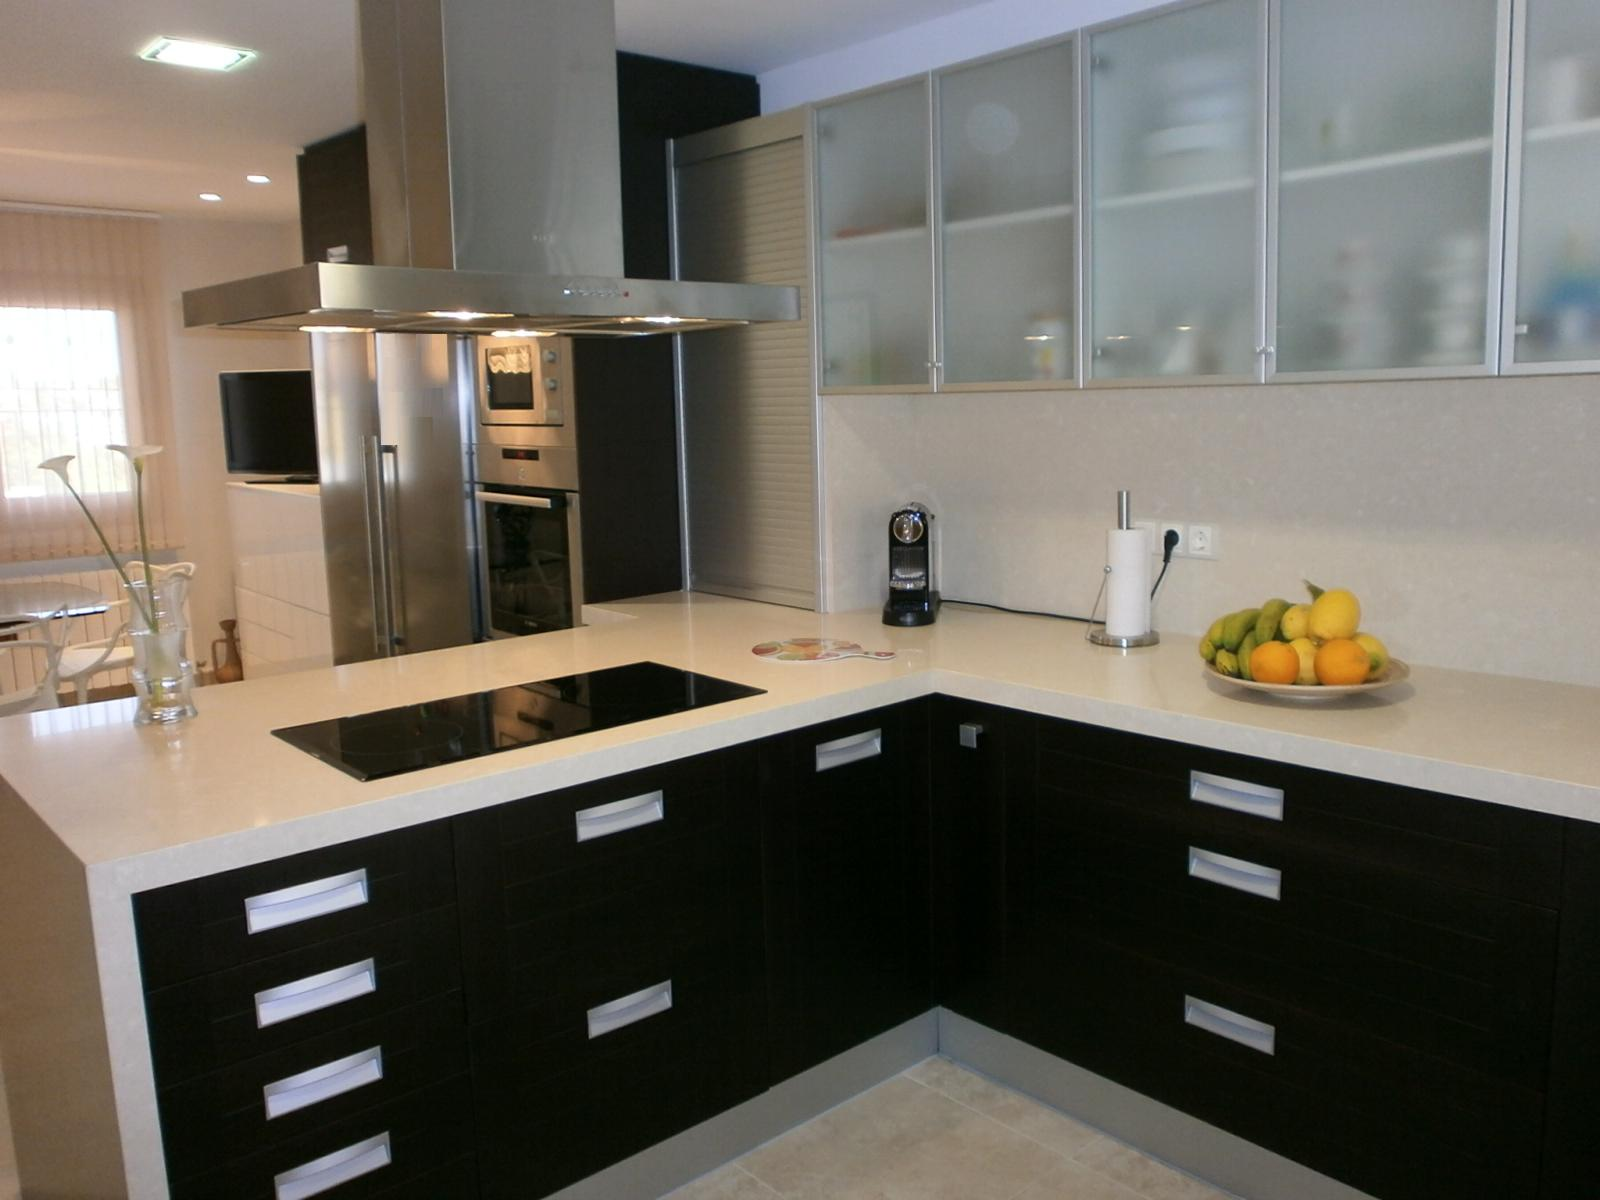 El wengu y la madera oscura en la cocina cocinas con estilo for Cocinas bonitas y modernas